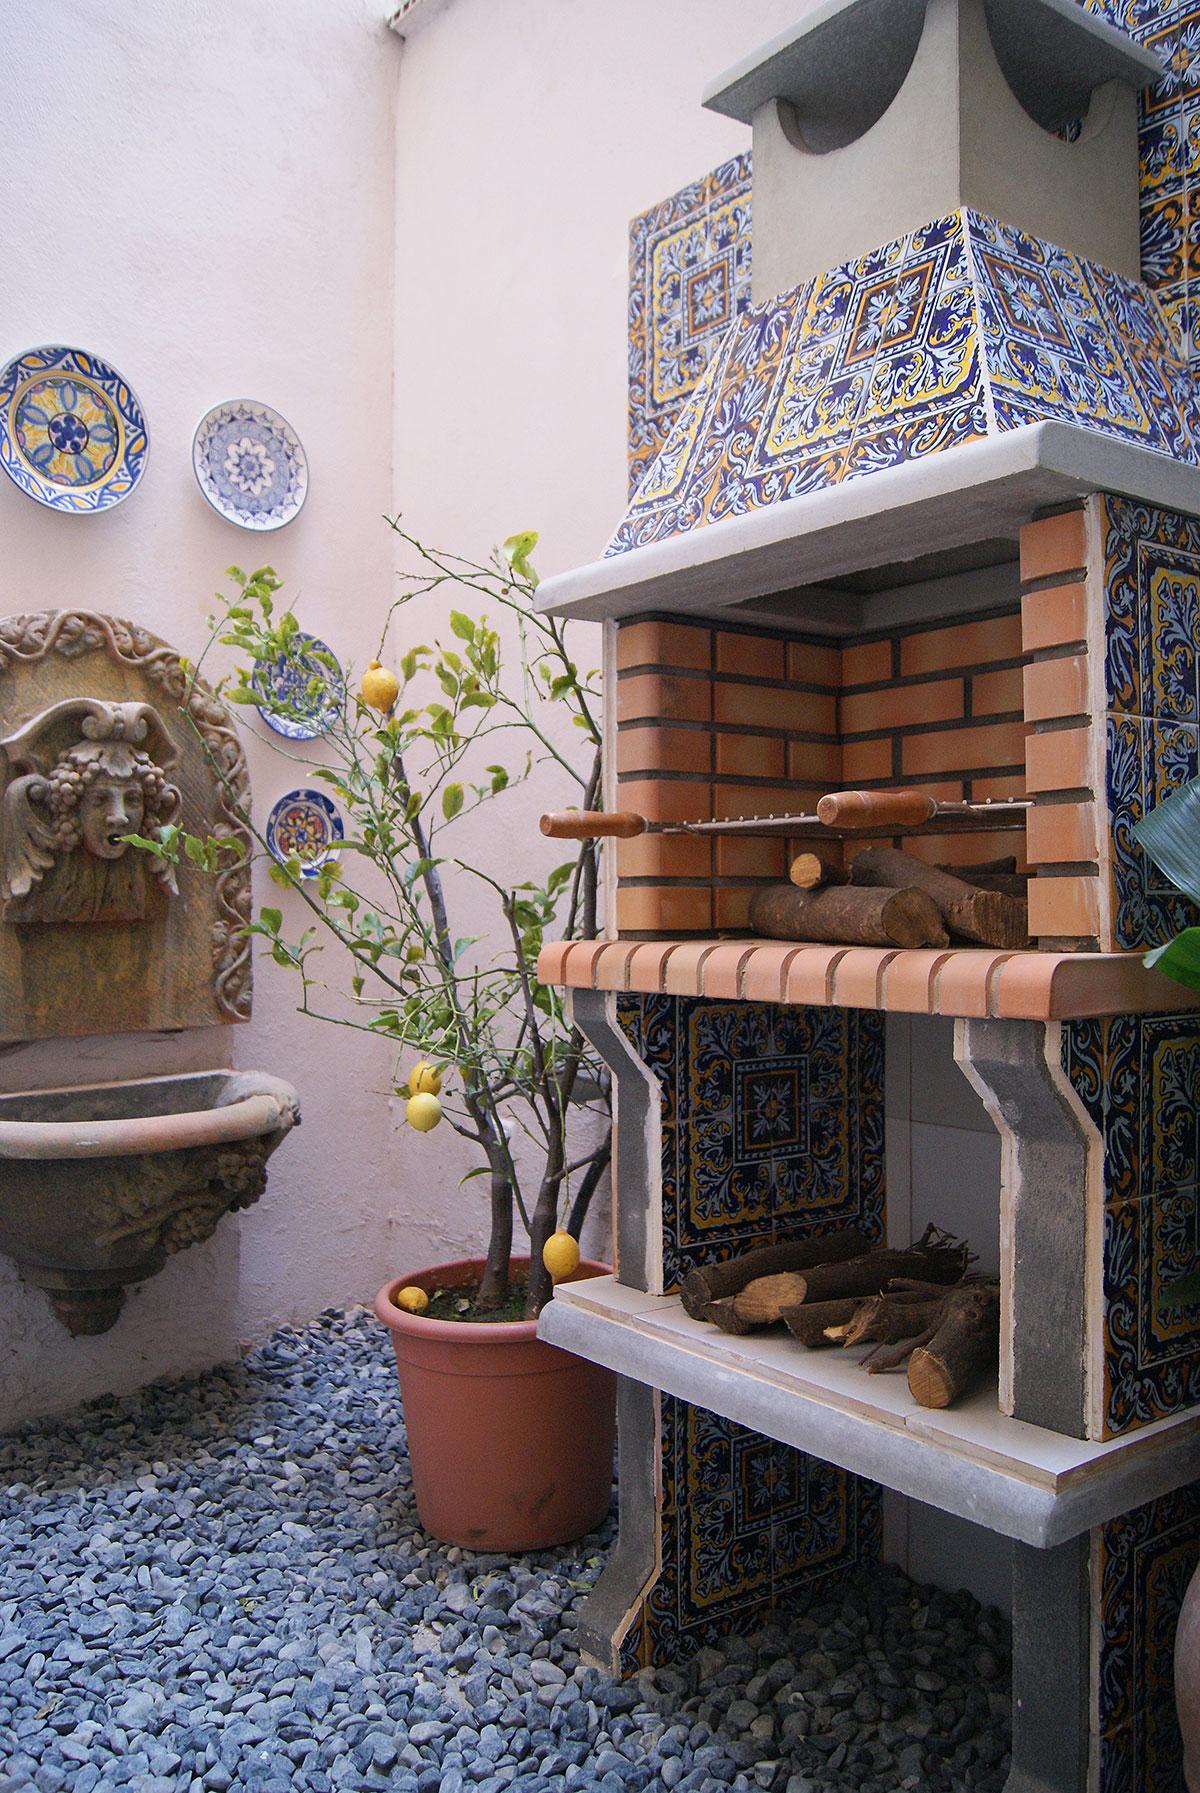 Restaurante arroceria la valenciana la valenciana - Restaurante mediterraneo pinedo ...